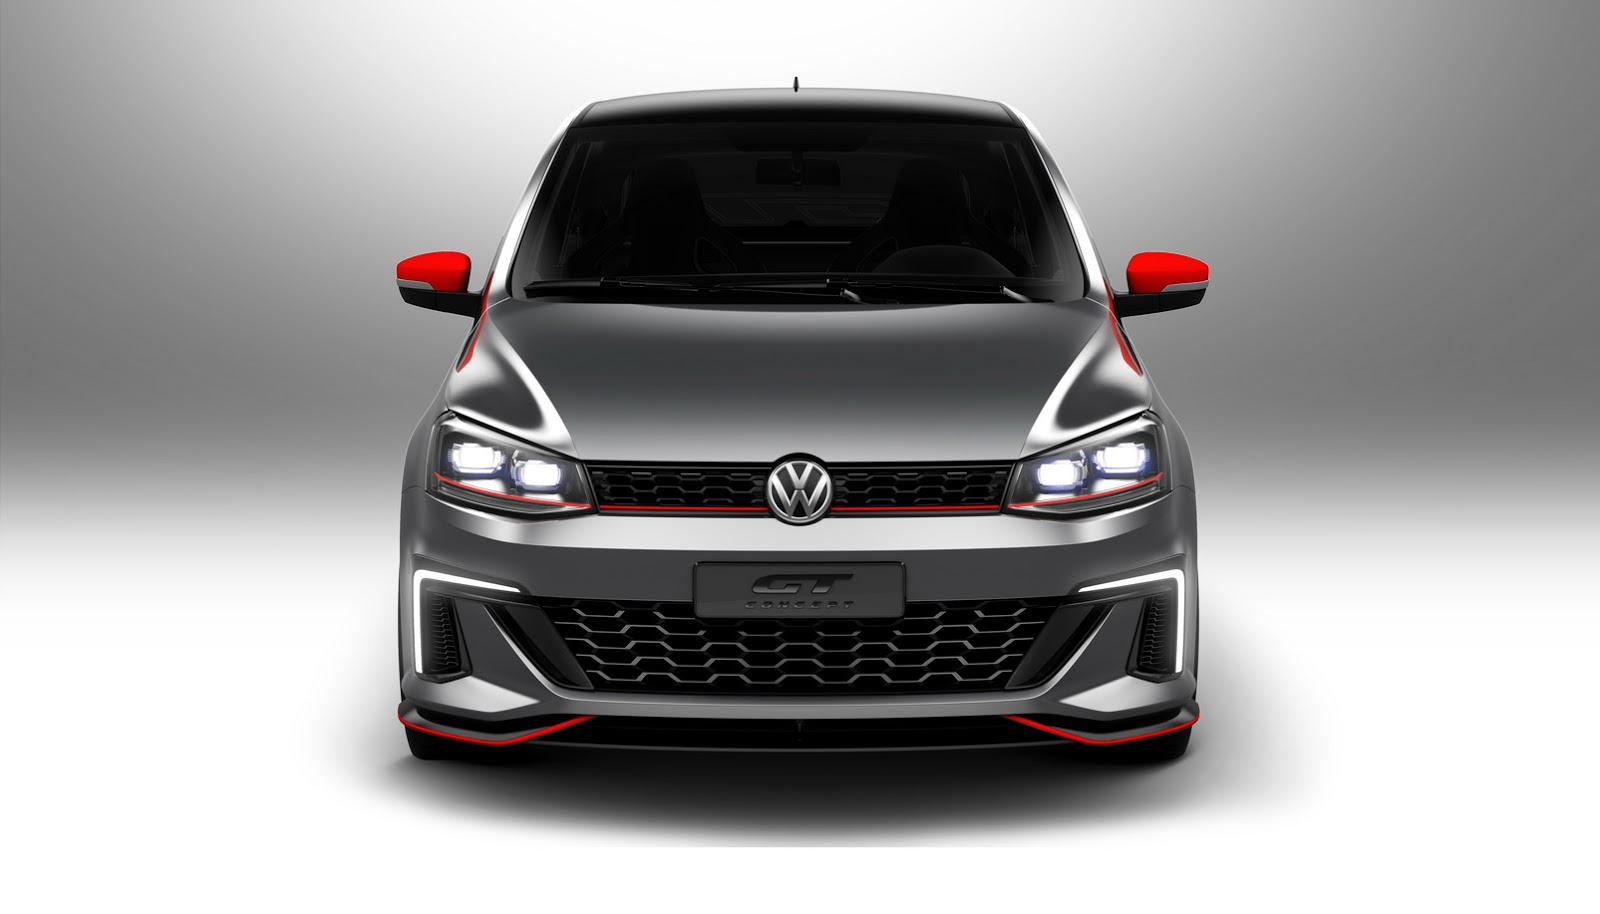 novo-volkswagen-gol-gt-conceito-11